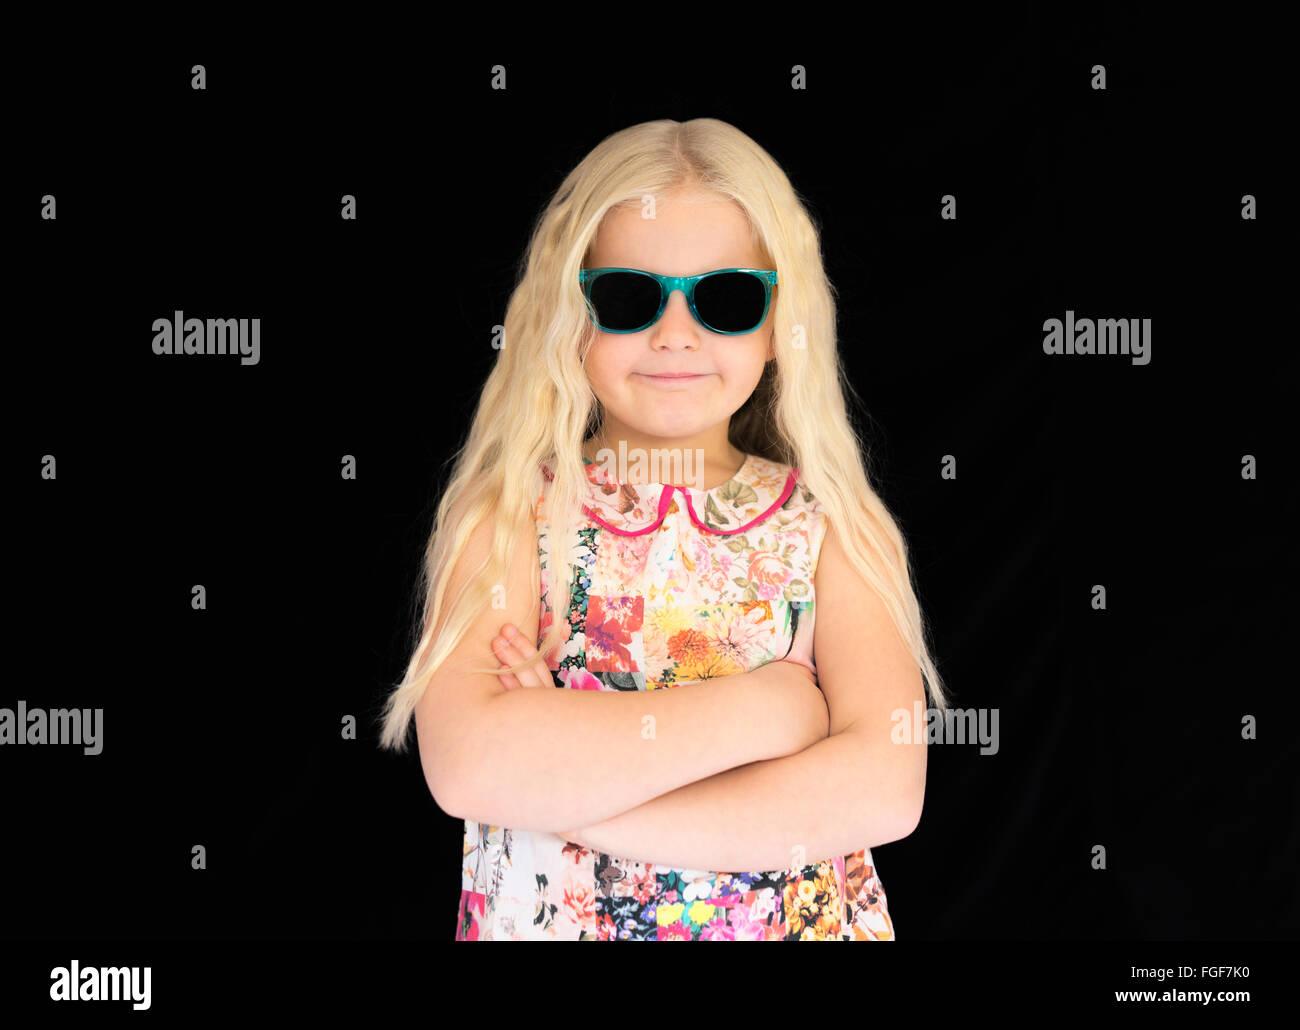 Junges Mädchen mit langen blonden Haaren, Sonnenbrille, Lächeln Stockbild